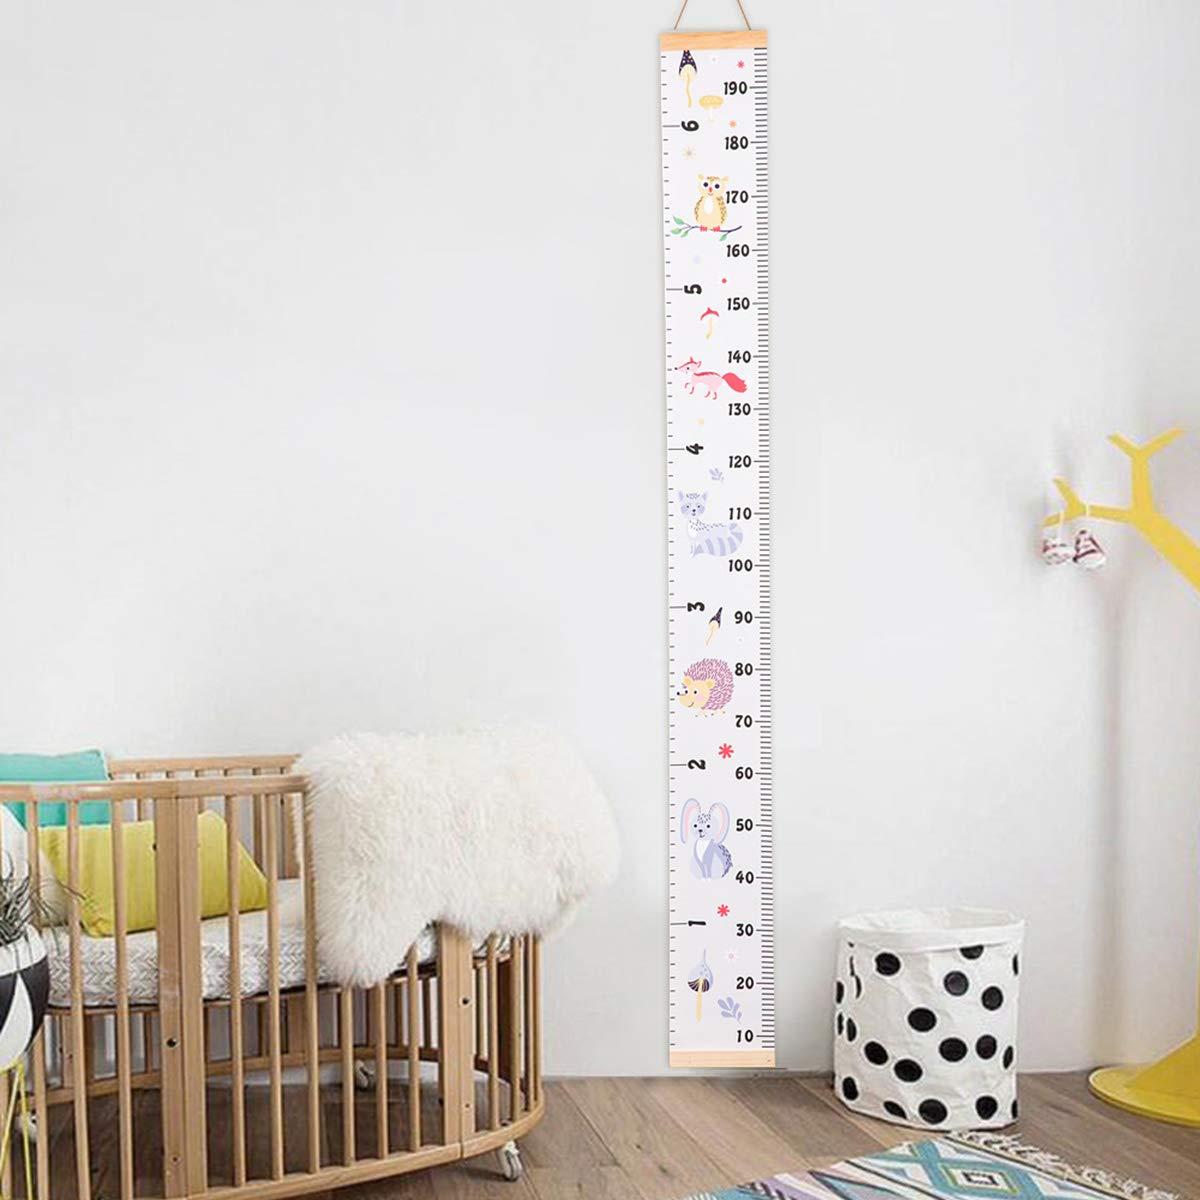 abnehmbares Leinen Borlai Baby-Wachstumsdiagramm Messlatte f/ür Kinderzimmer